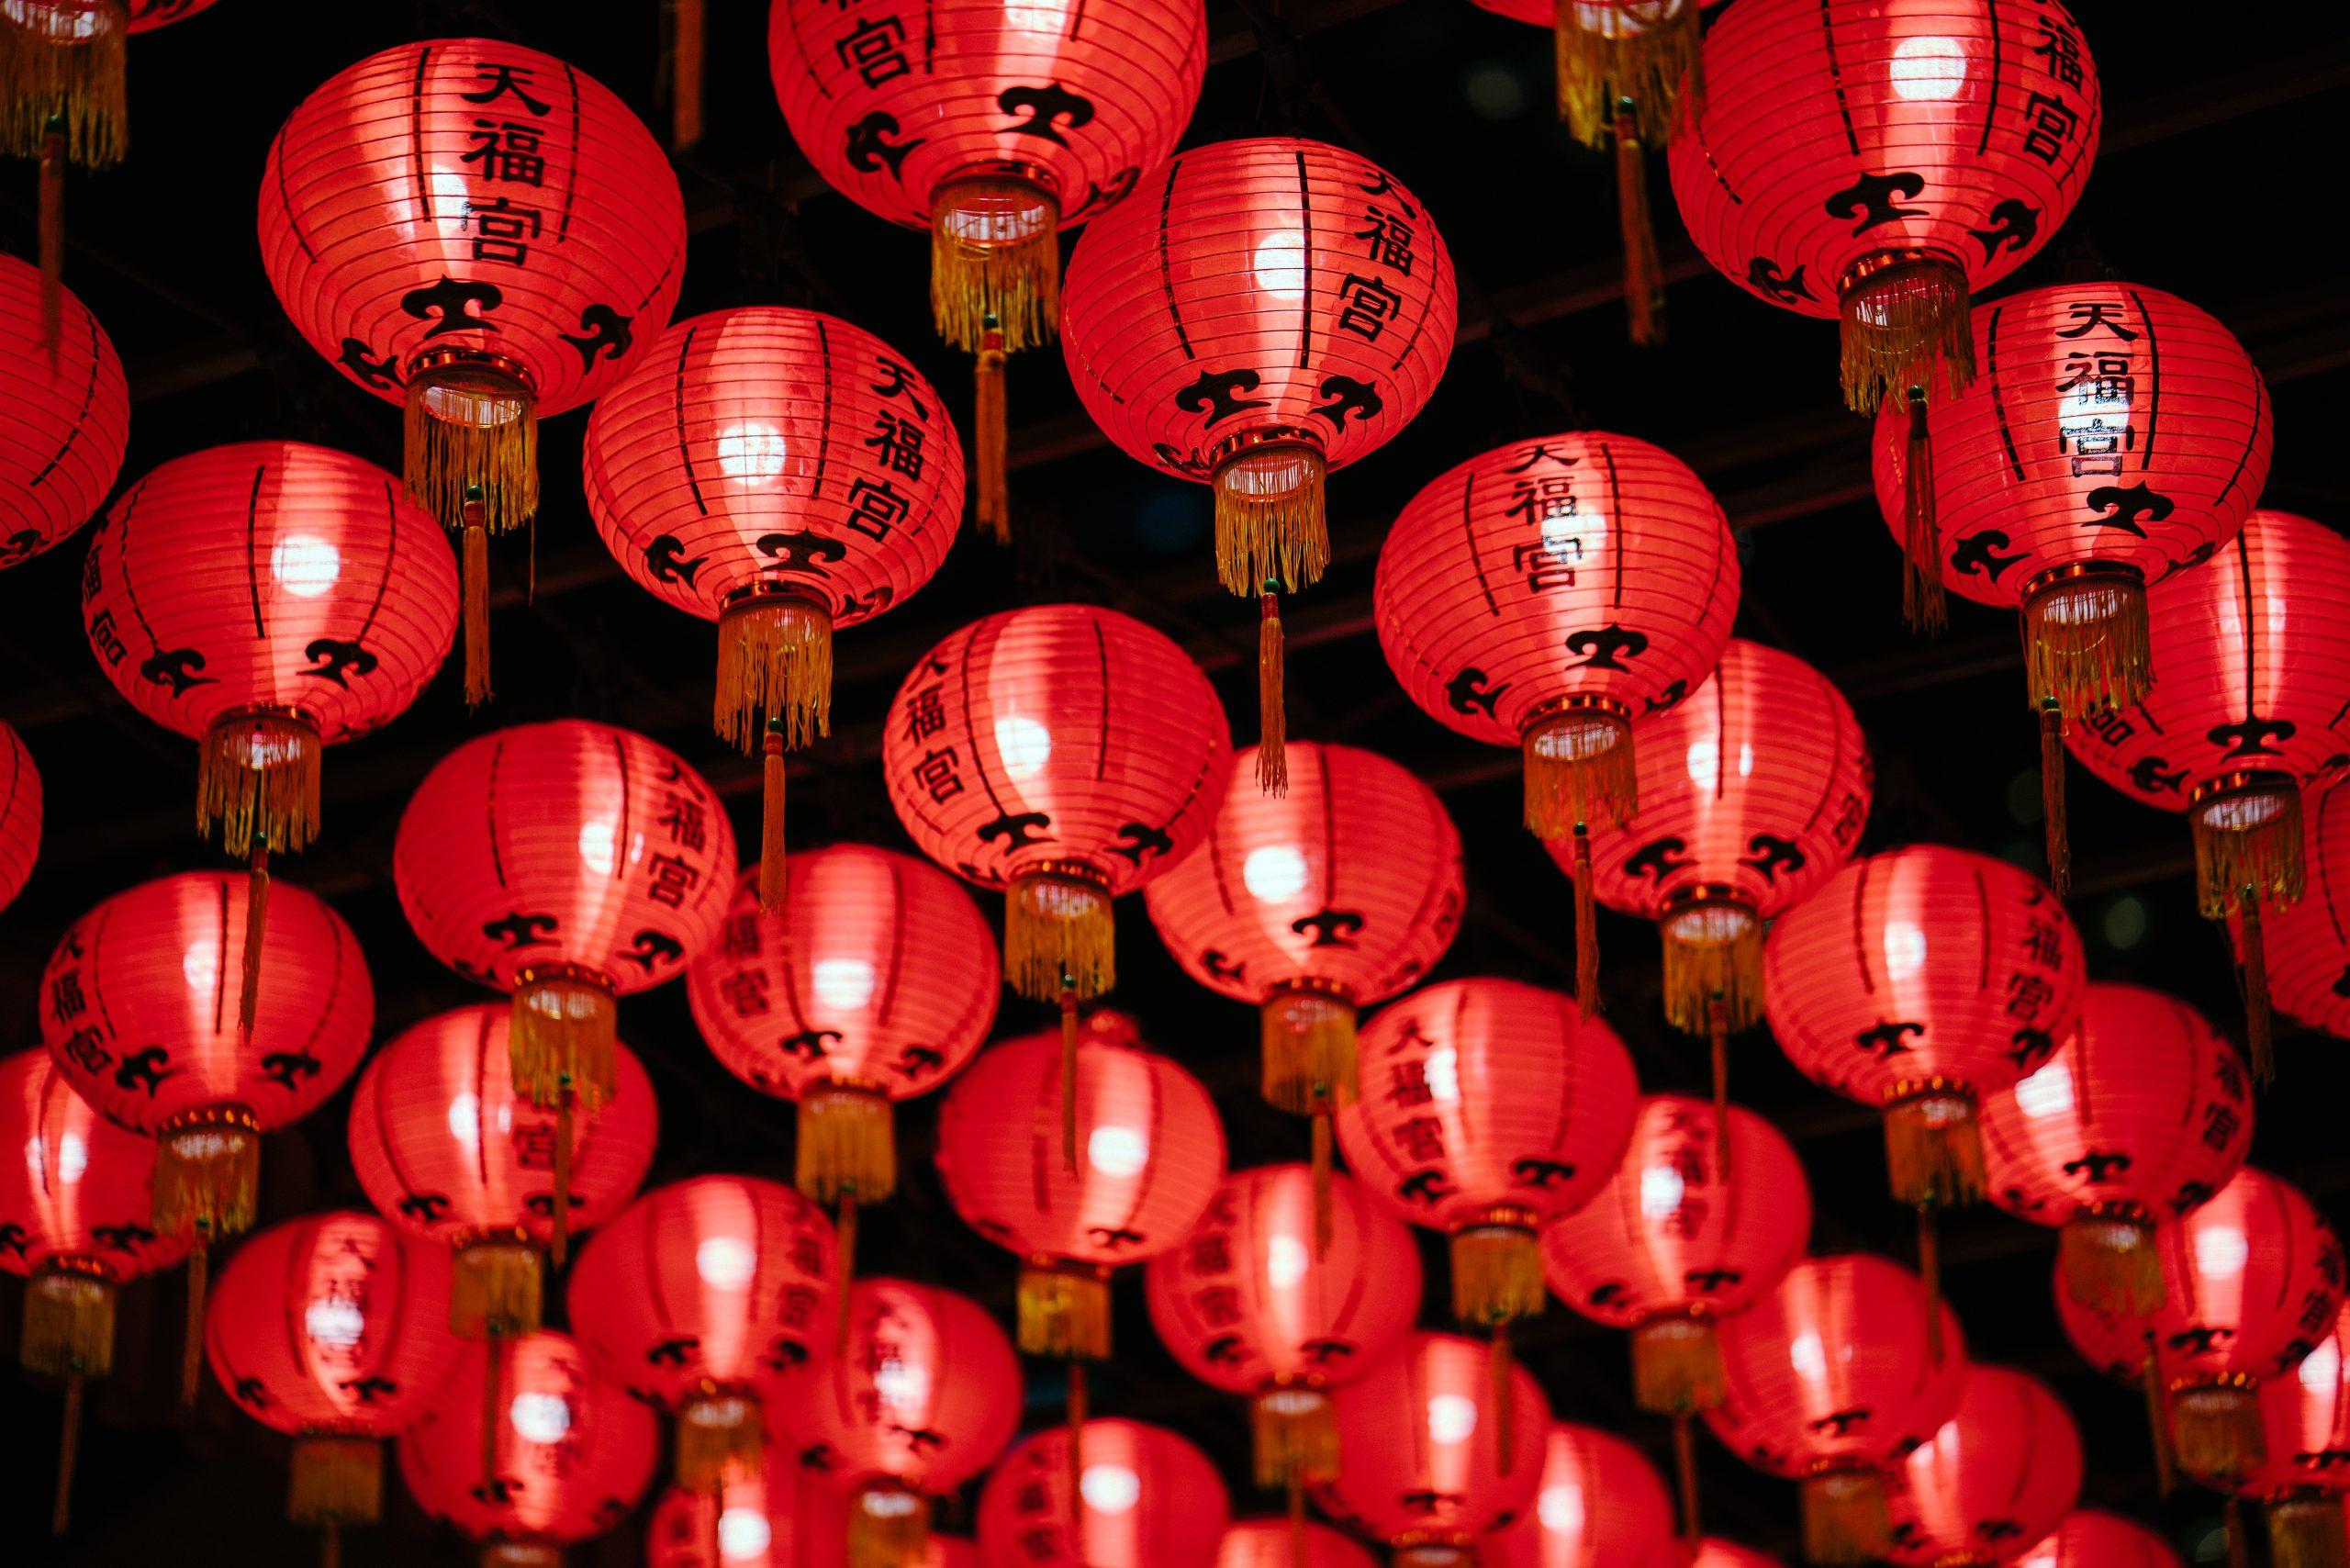 Personal Information Protection Law (PIPL): la Cina approva la prima legge in materia di data protection